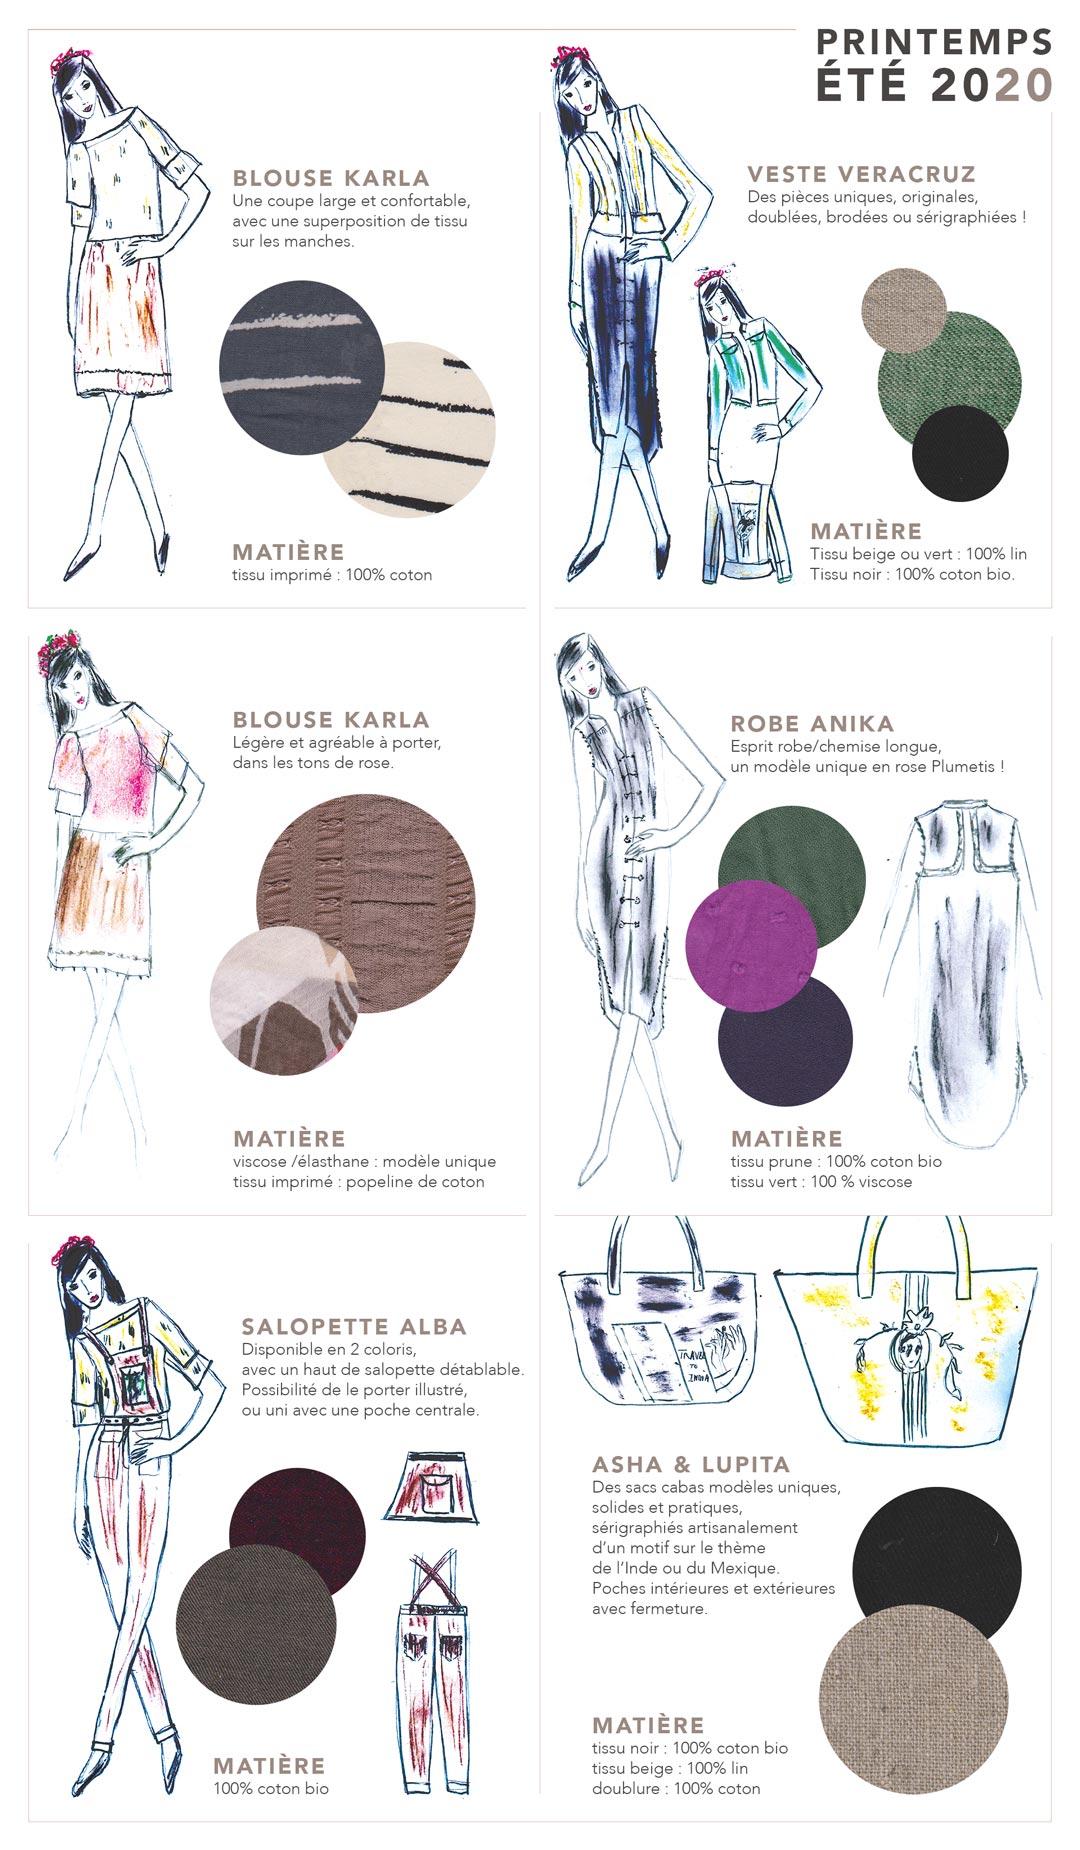 NATI - créations d'une rêveuse | Créatrice de mode | Annecy & Villaz | collection printemps été 2020